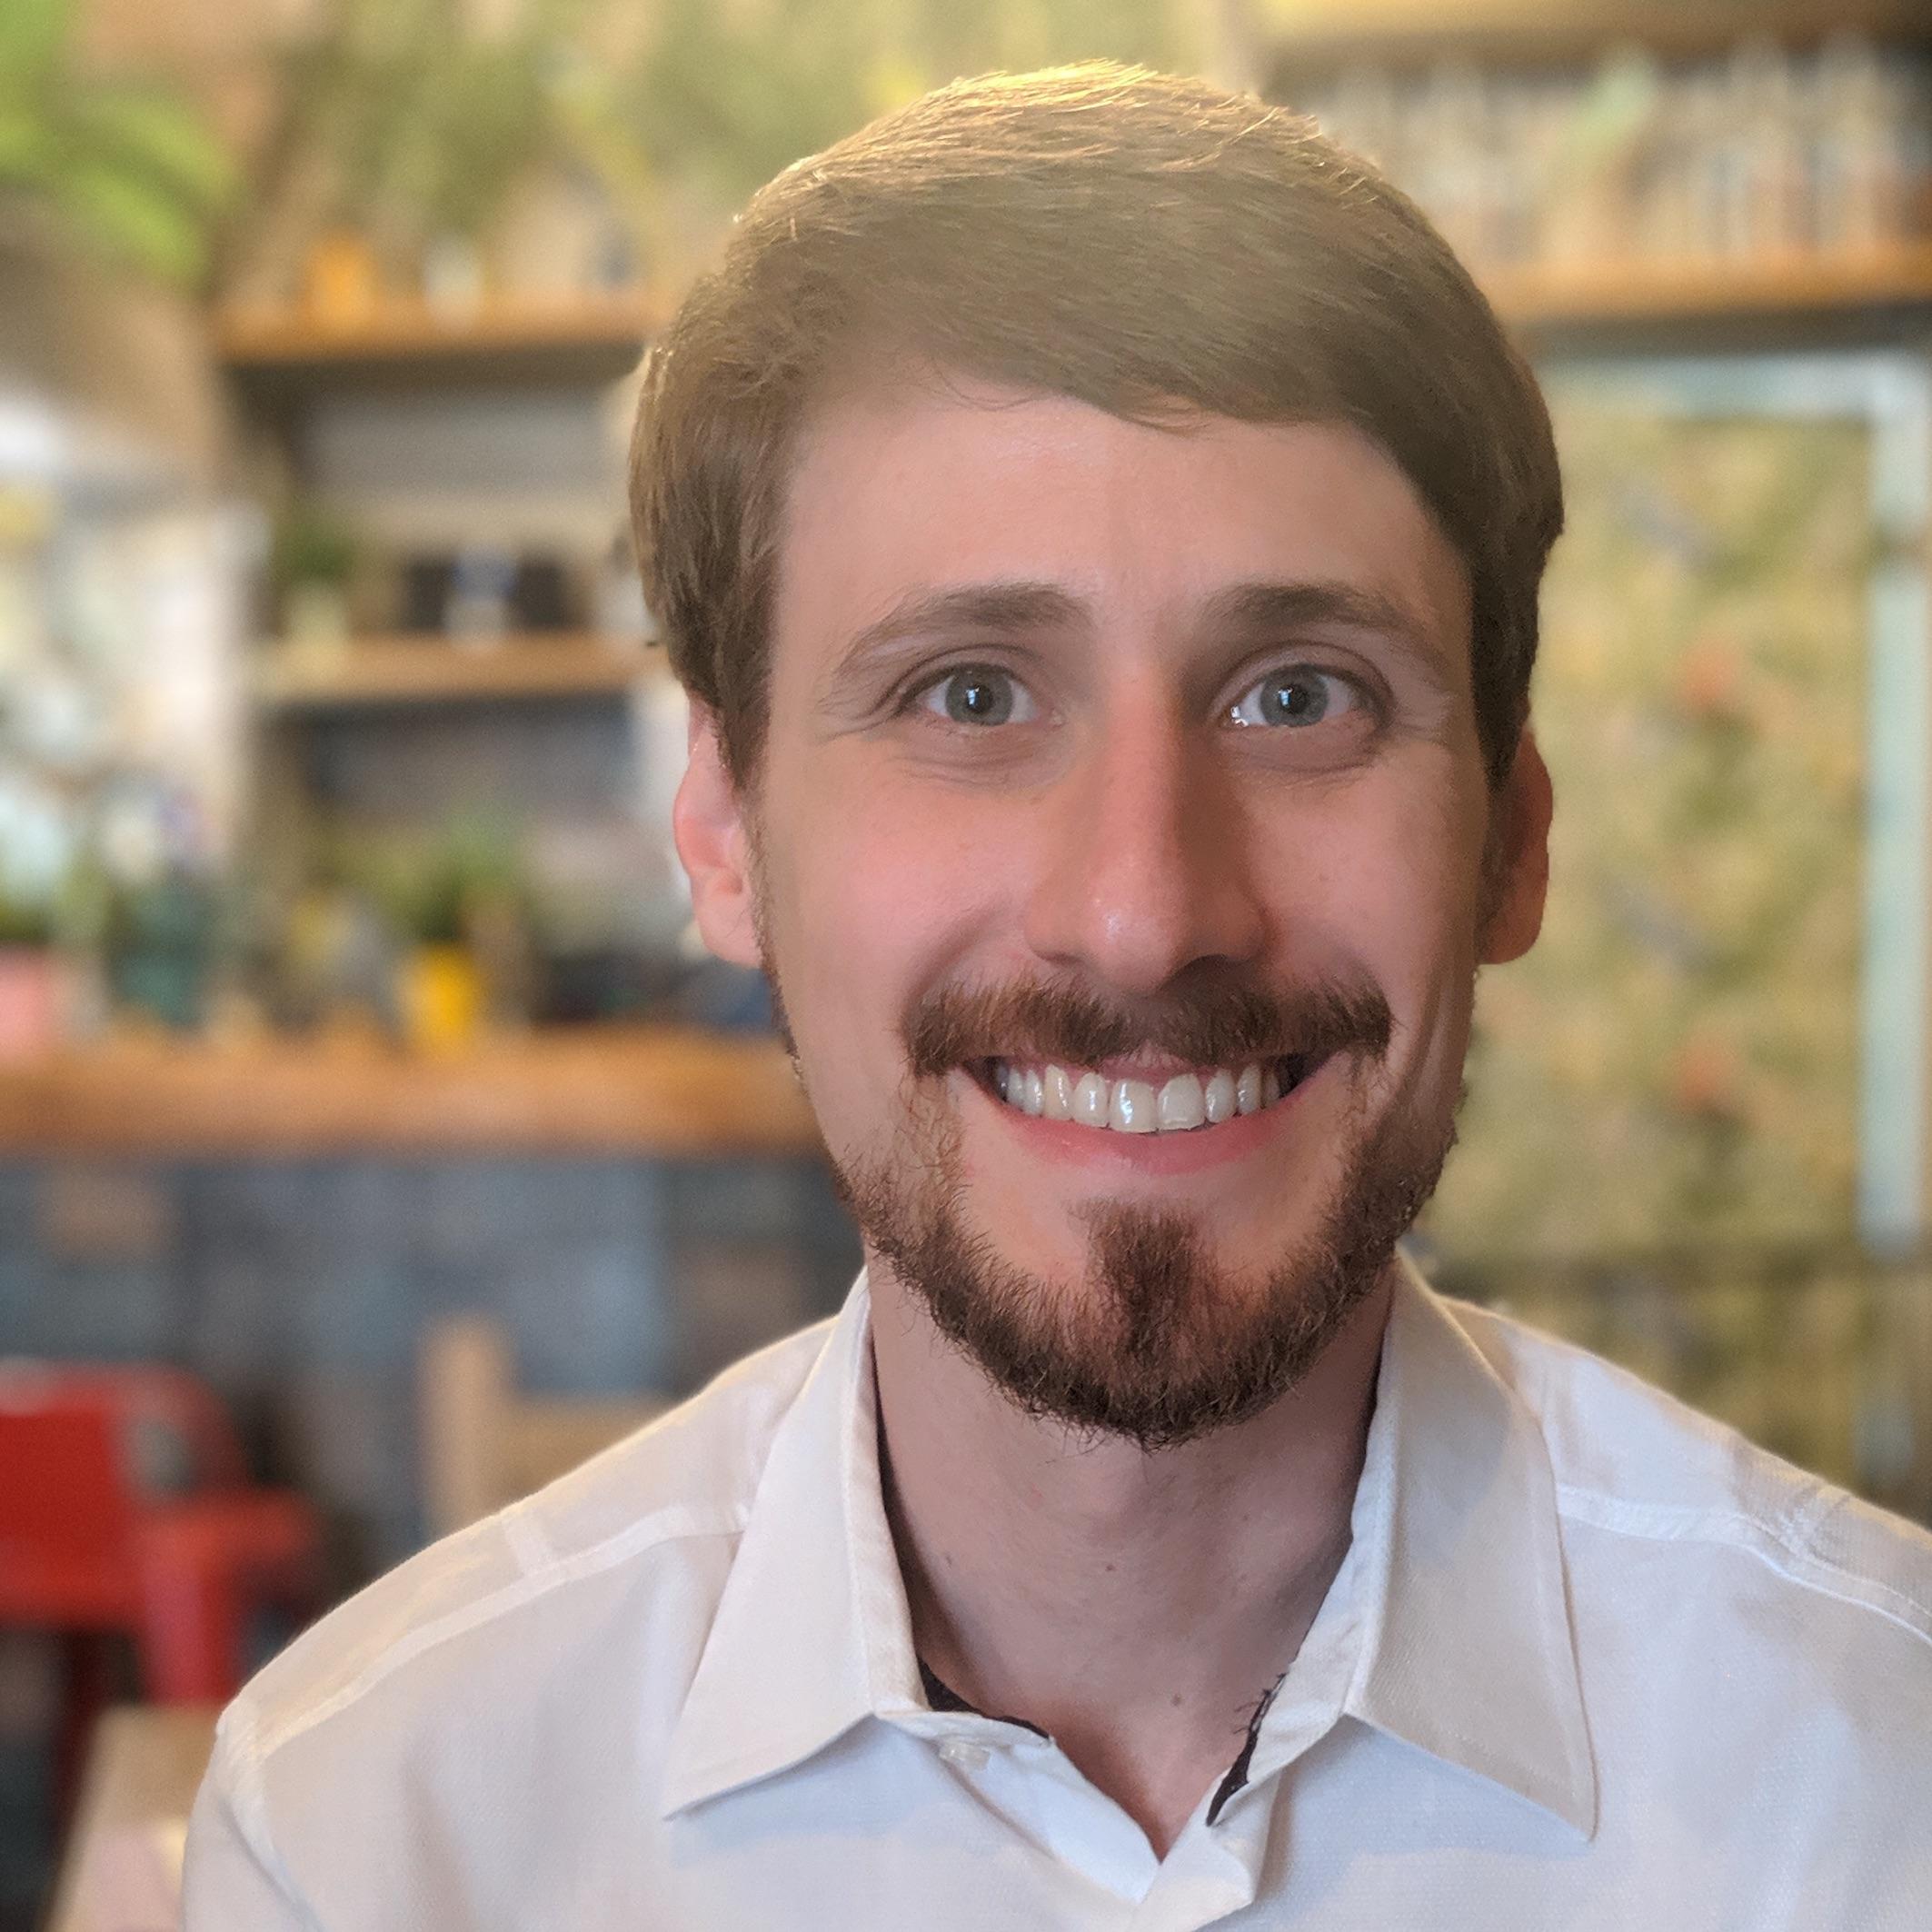 Michel Oleynik